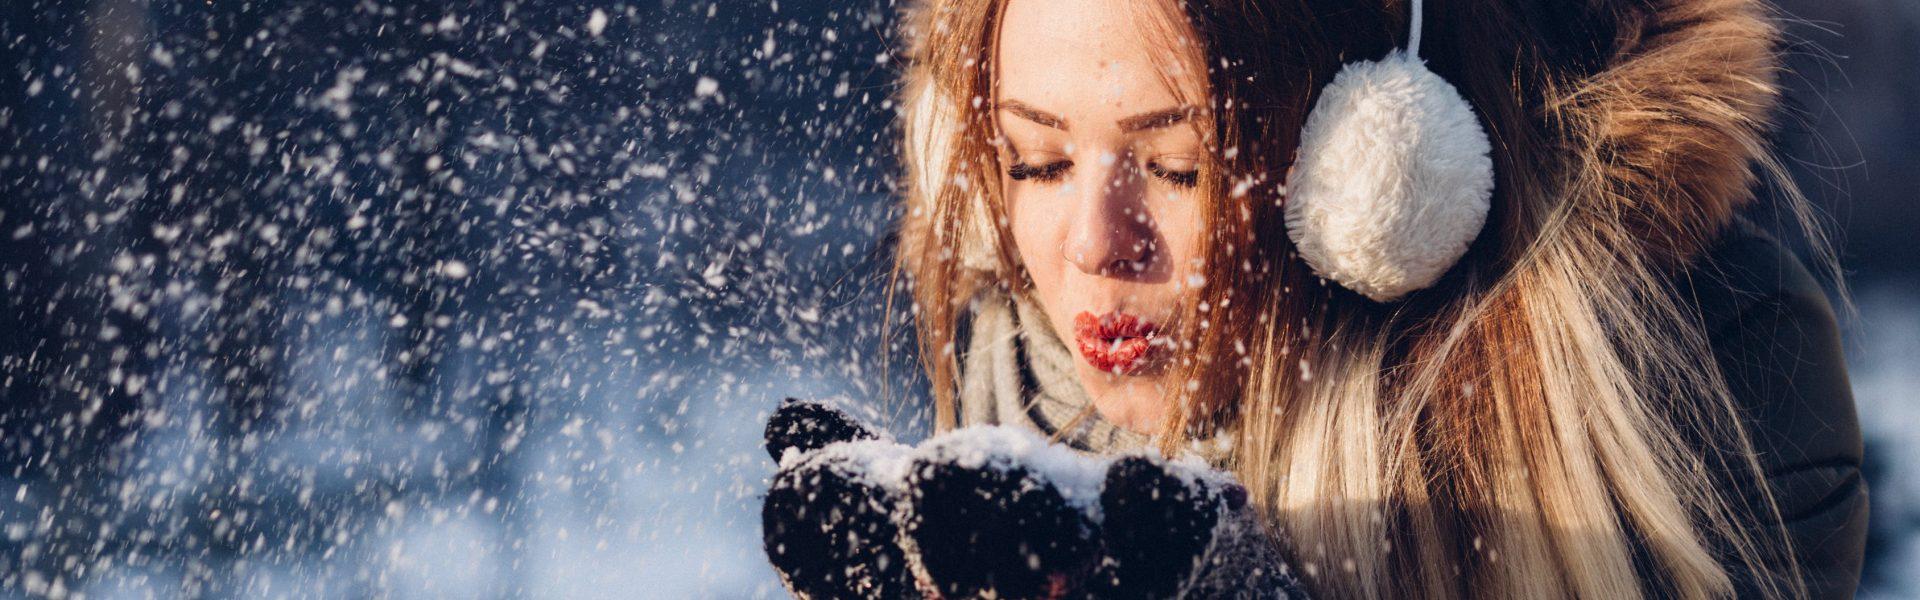 Živi život od kojeg ćeš zasjati, Horoskop za zimu: Svemir nam sprema drastične promjene!